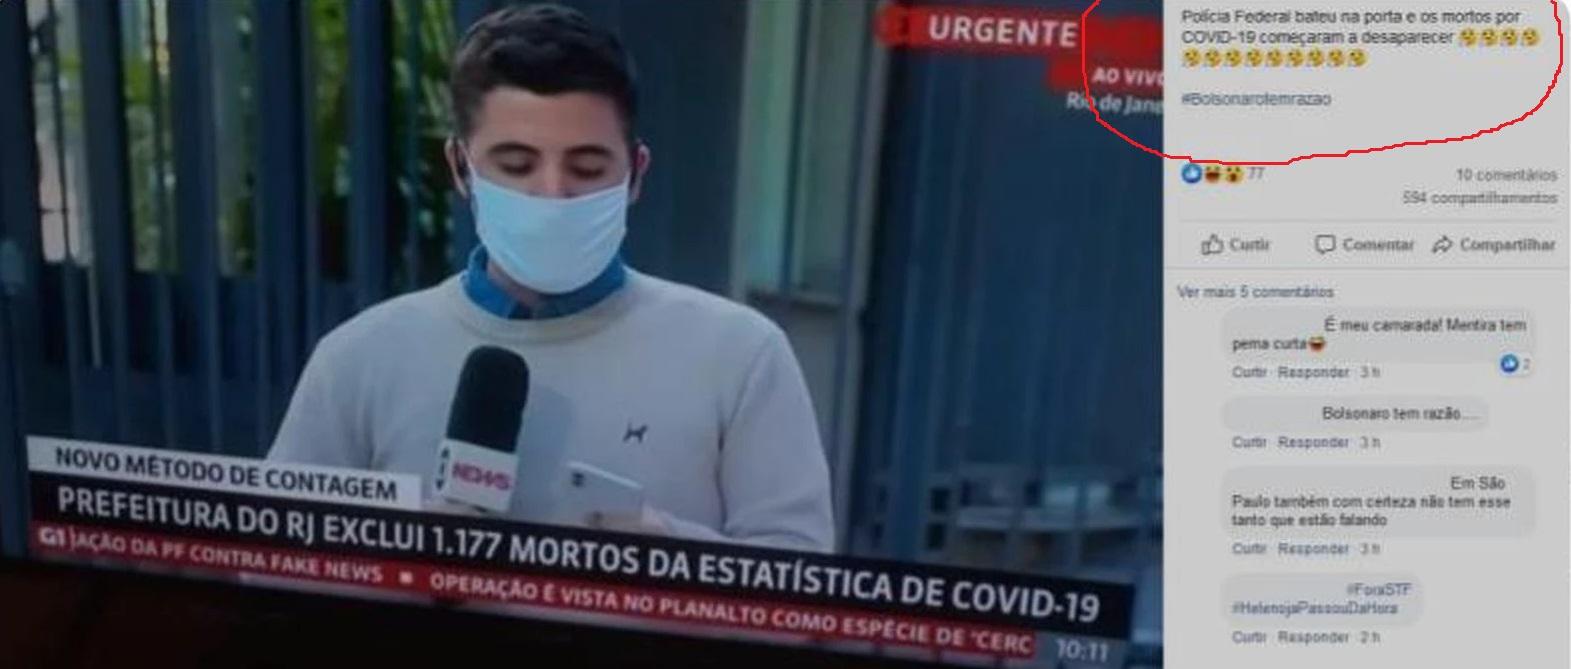 Operação da PF fez cidade do Rio de Janeiro excluir 1,1 mil mortes por Covid-19 da estatística oficial